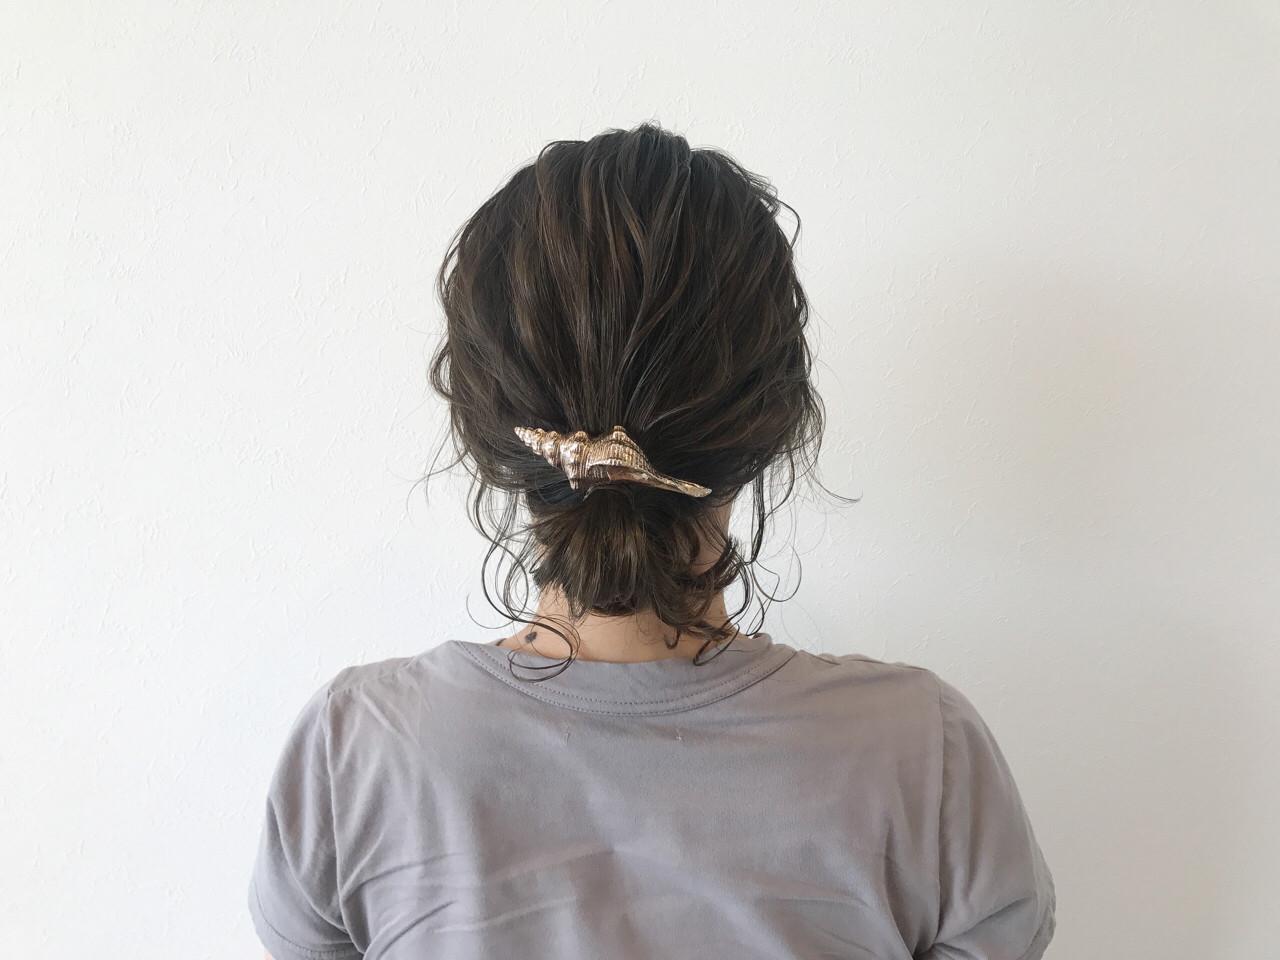 夏 デート 涼しげ ヘアアレンジ ヘアスタイルや髪型の写真・画像 | 宇渡 裕一 / Lillie hair&spa